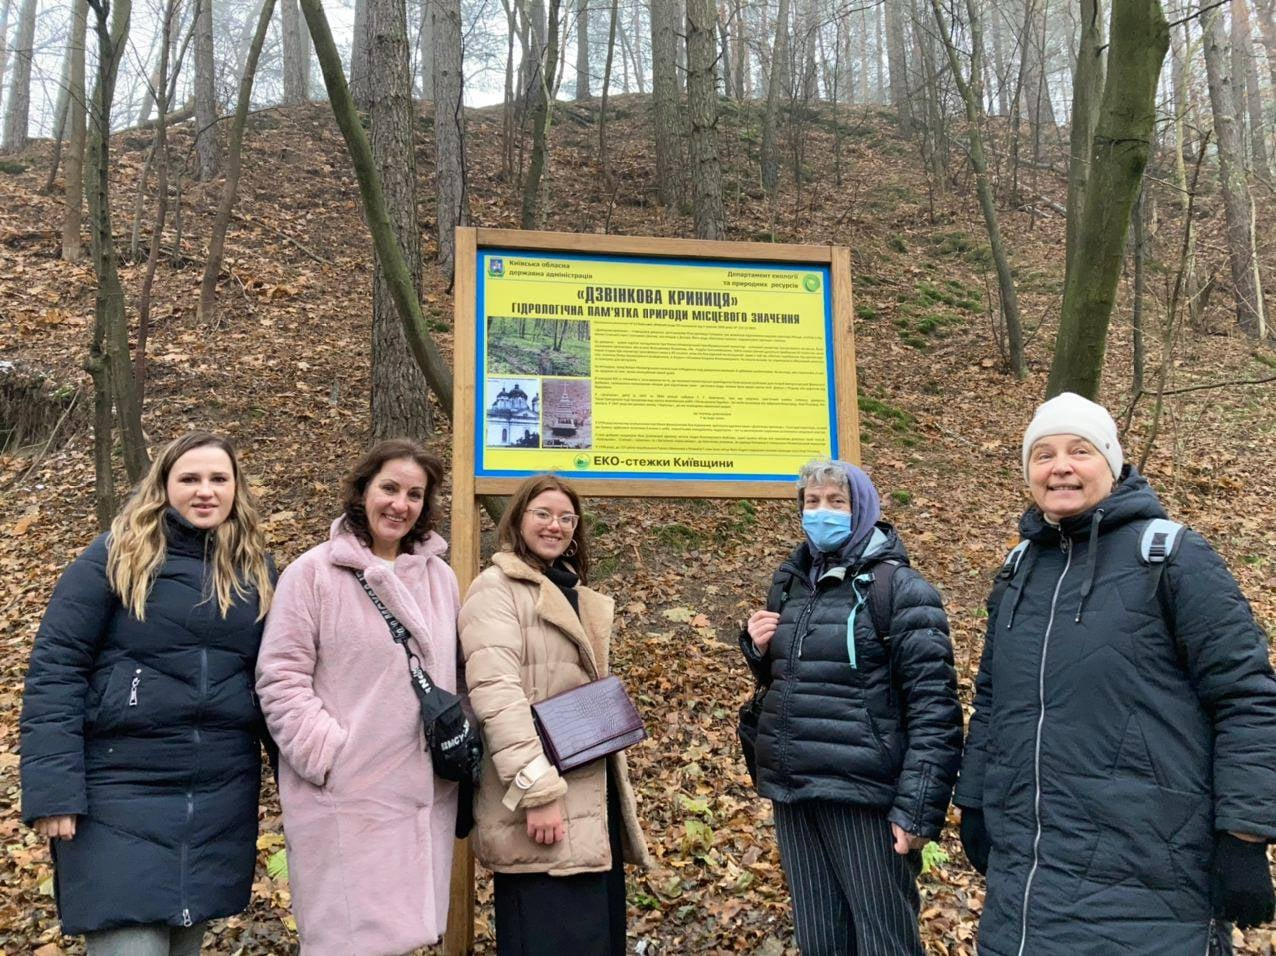 На Вишгородшині презентували екостежки - семінар, екологія, Вишгородський район - Eko dzvinkova